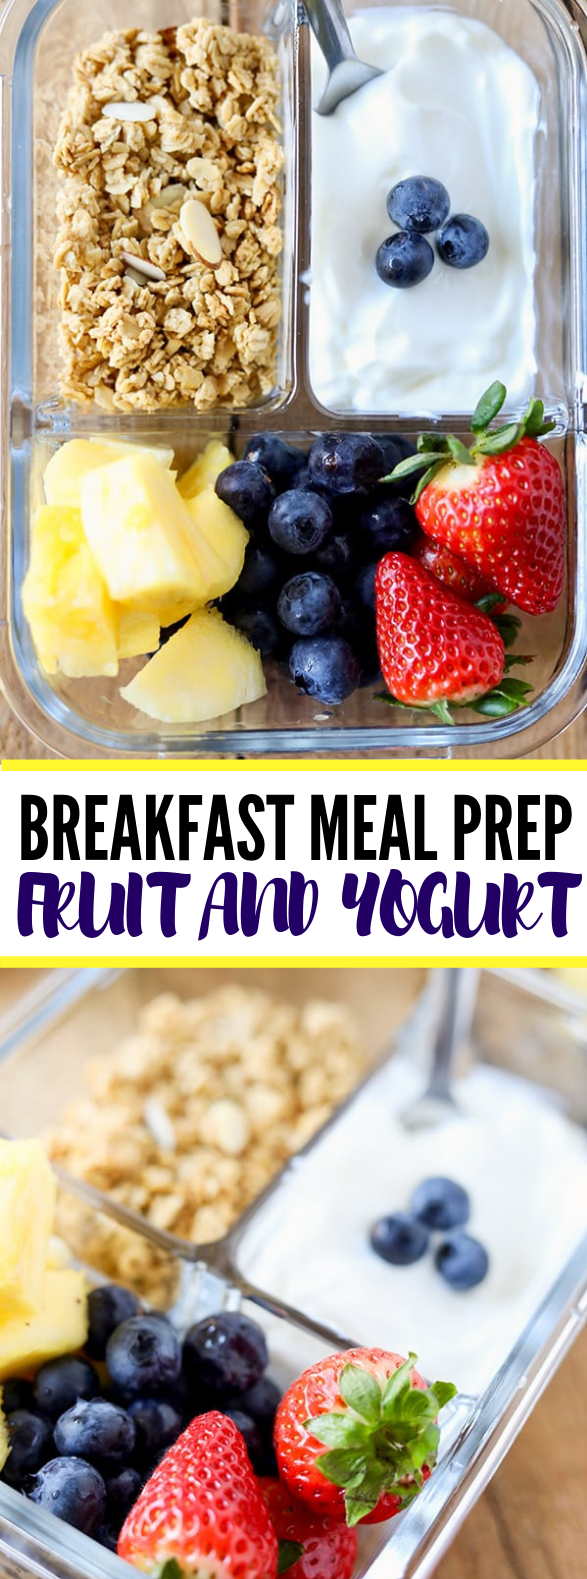 BREAKFAST MEAL PREP FRUIT AND YOGURT BISTRO BOX #healthy #diet